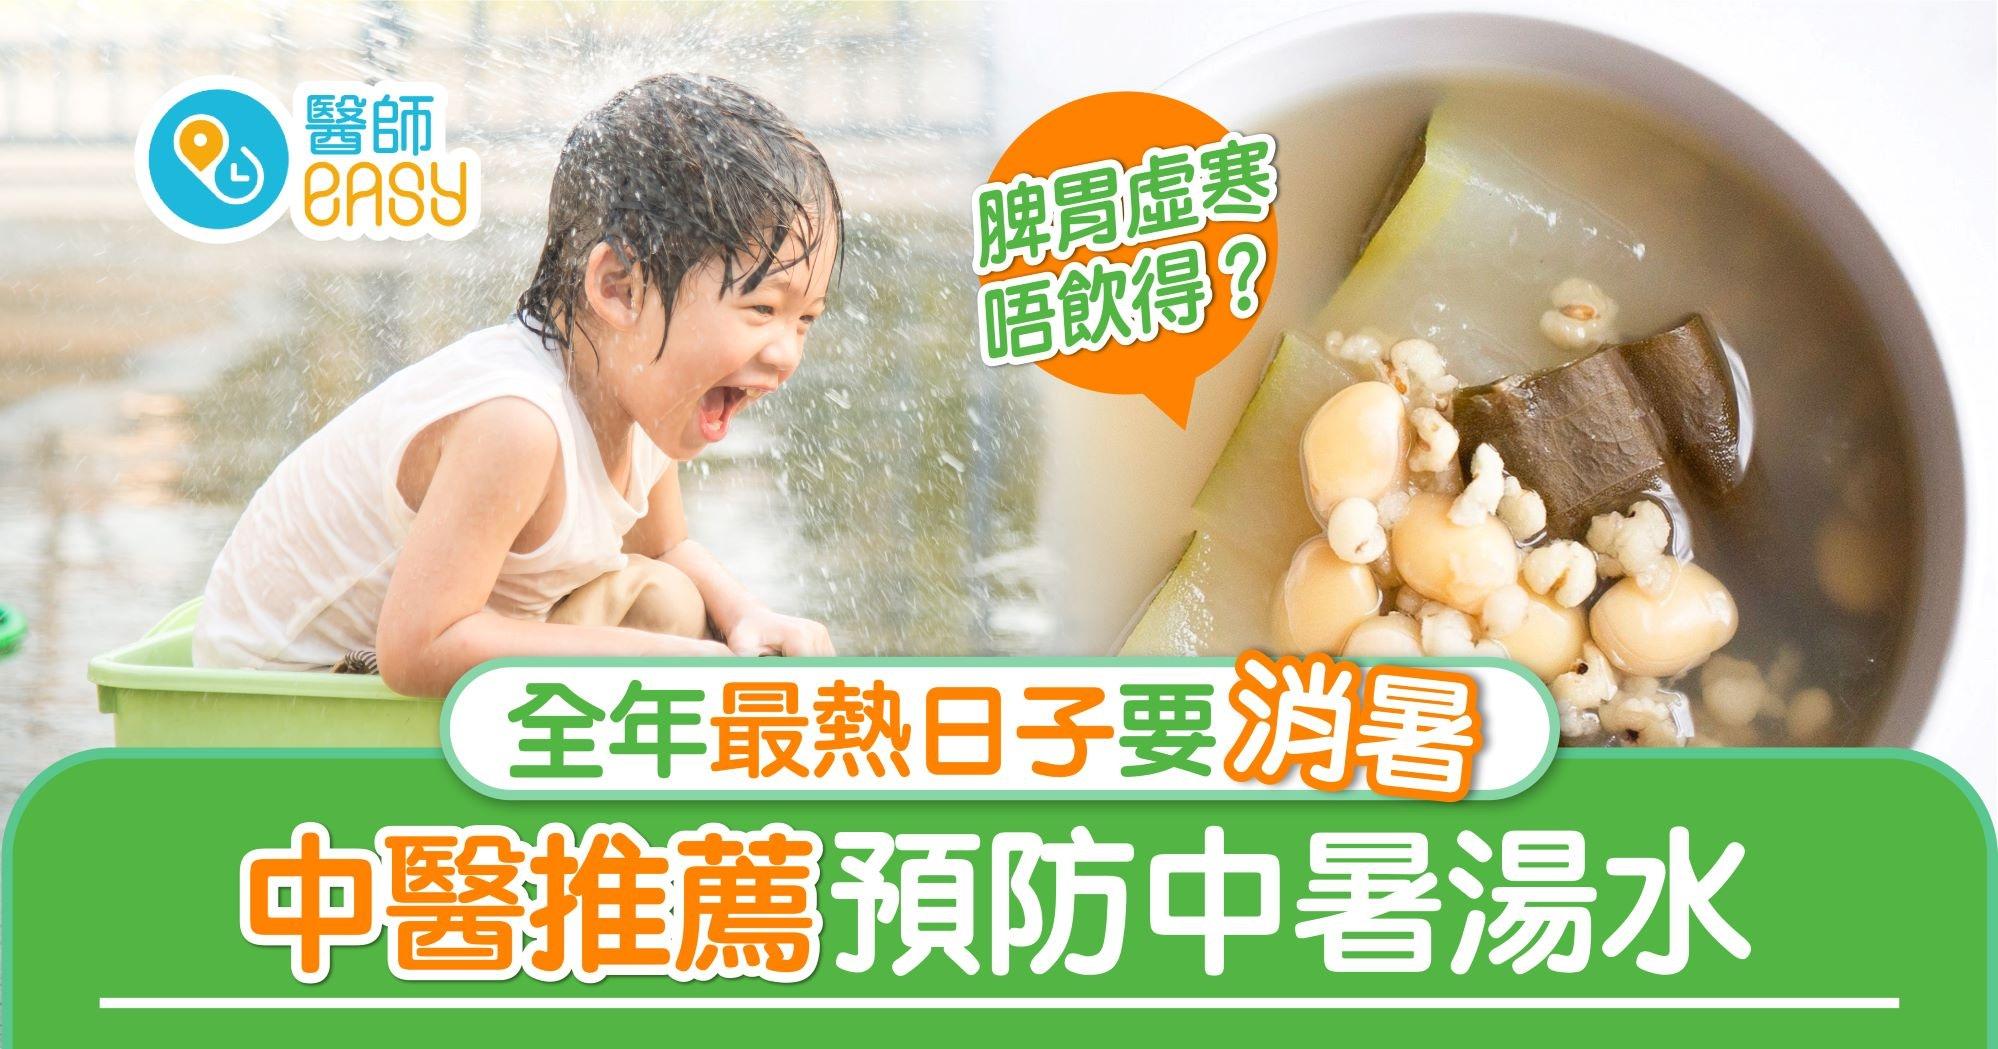 大暑湯水|中醫推薦荷葉、金銀花、淡竹葉湯水 脾胃虛寒者慎服